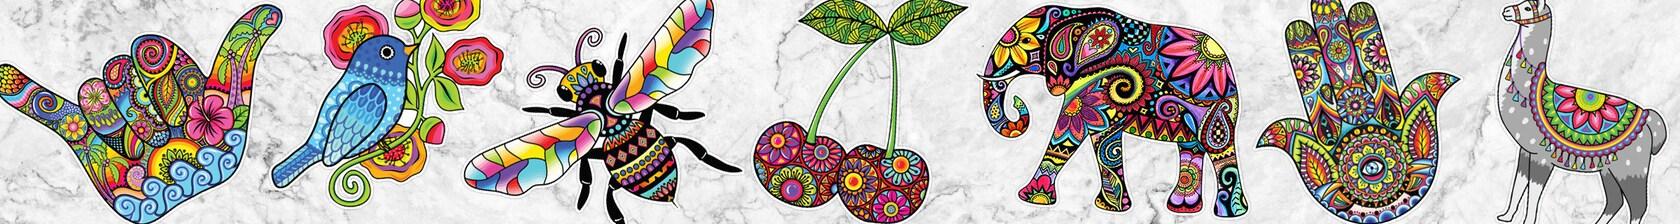 Stickable art for your car laptop wall etc de MeganJDesigns